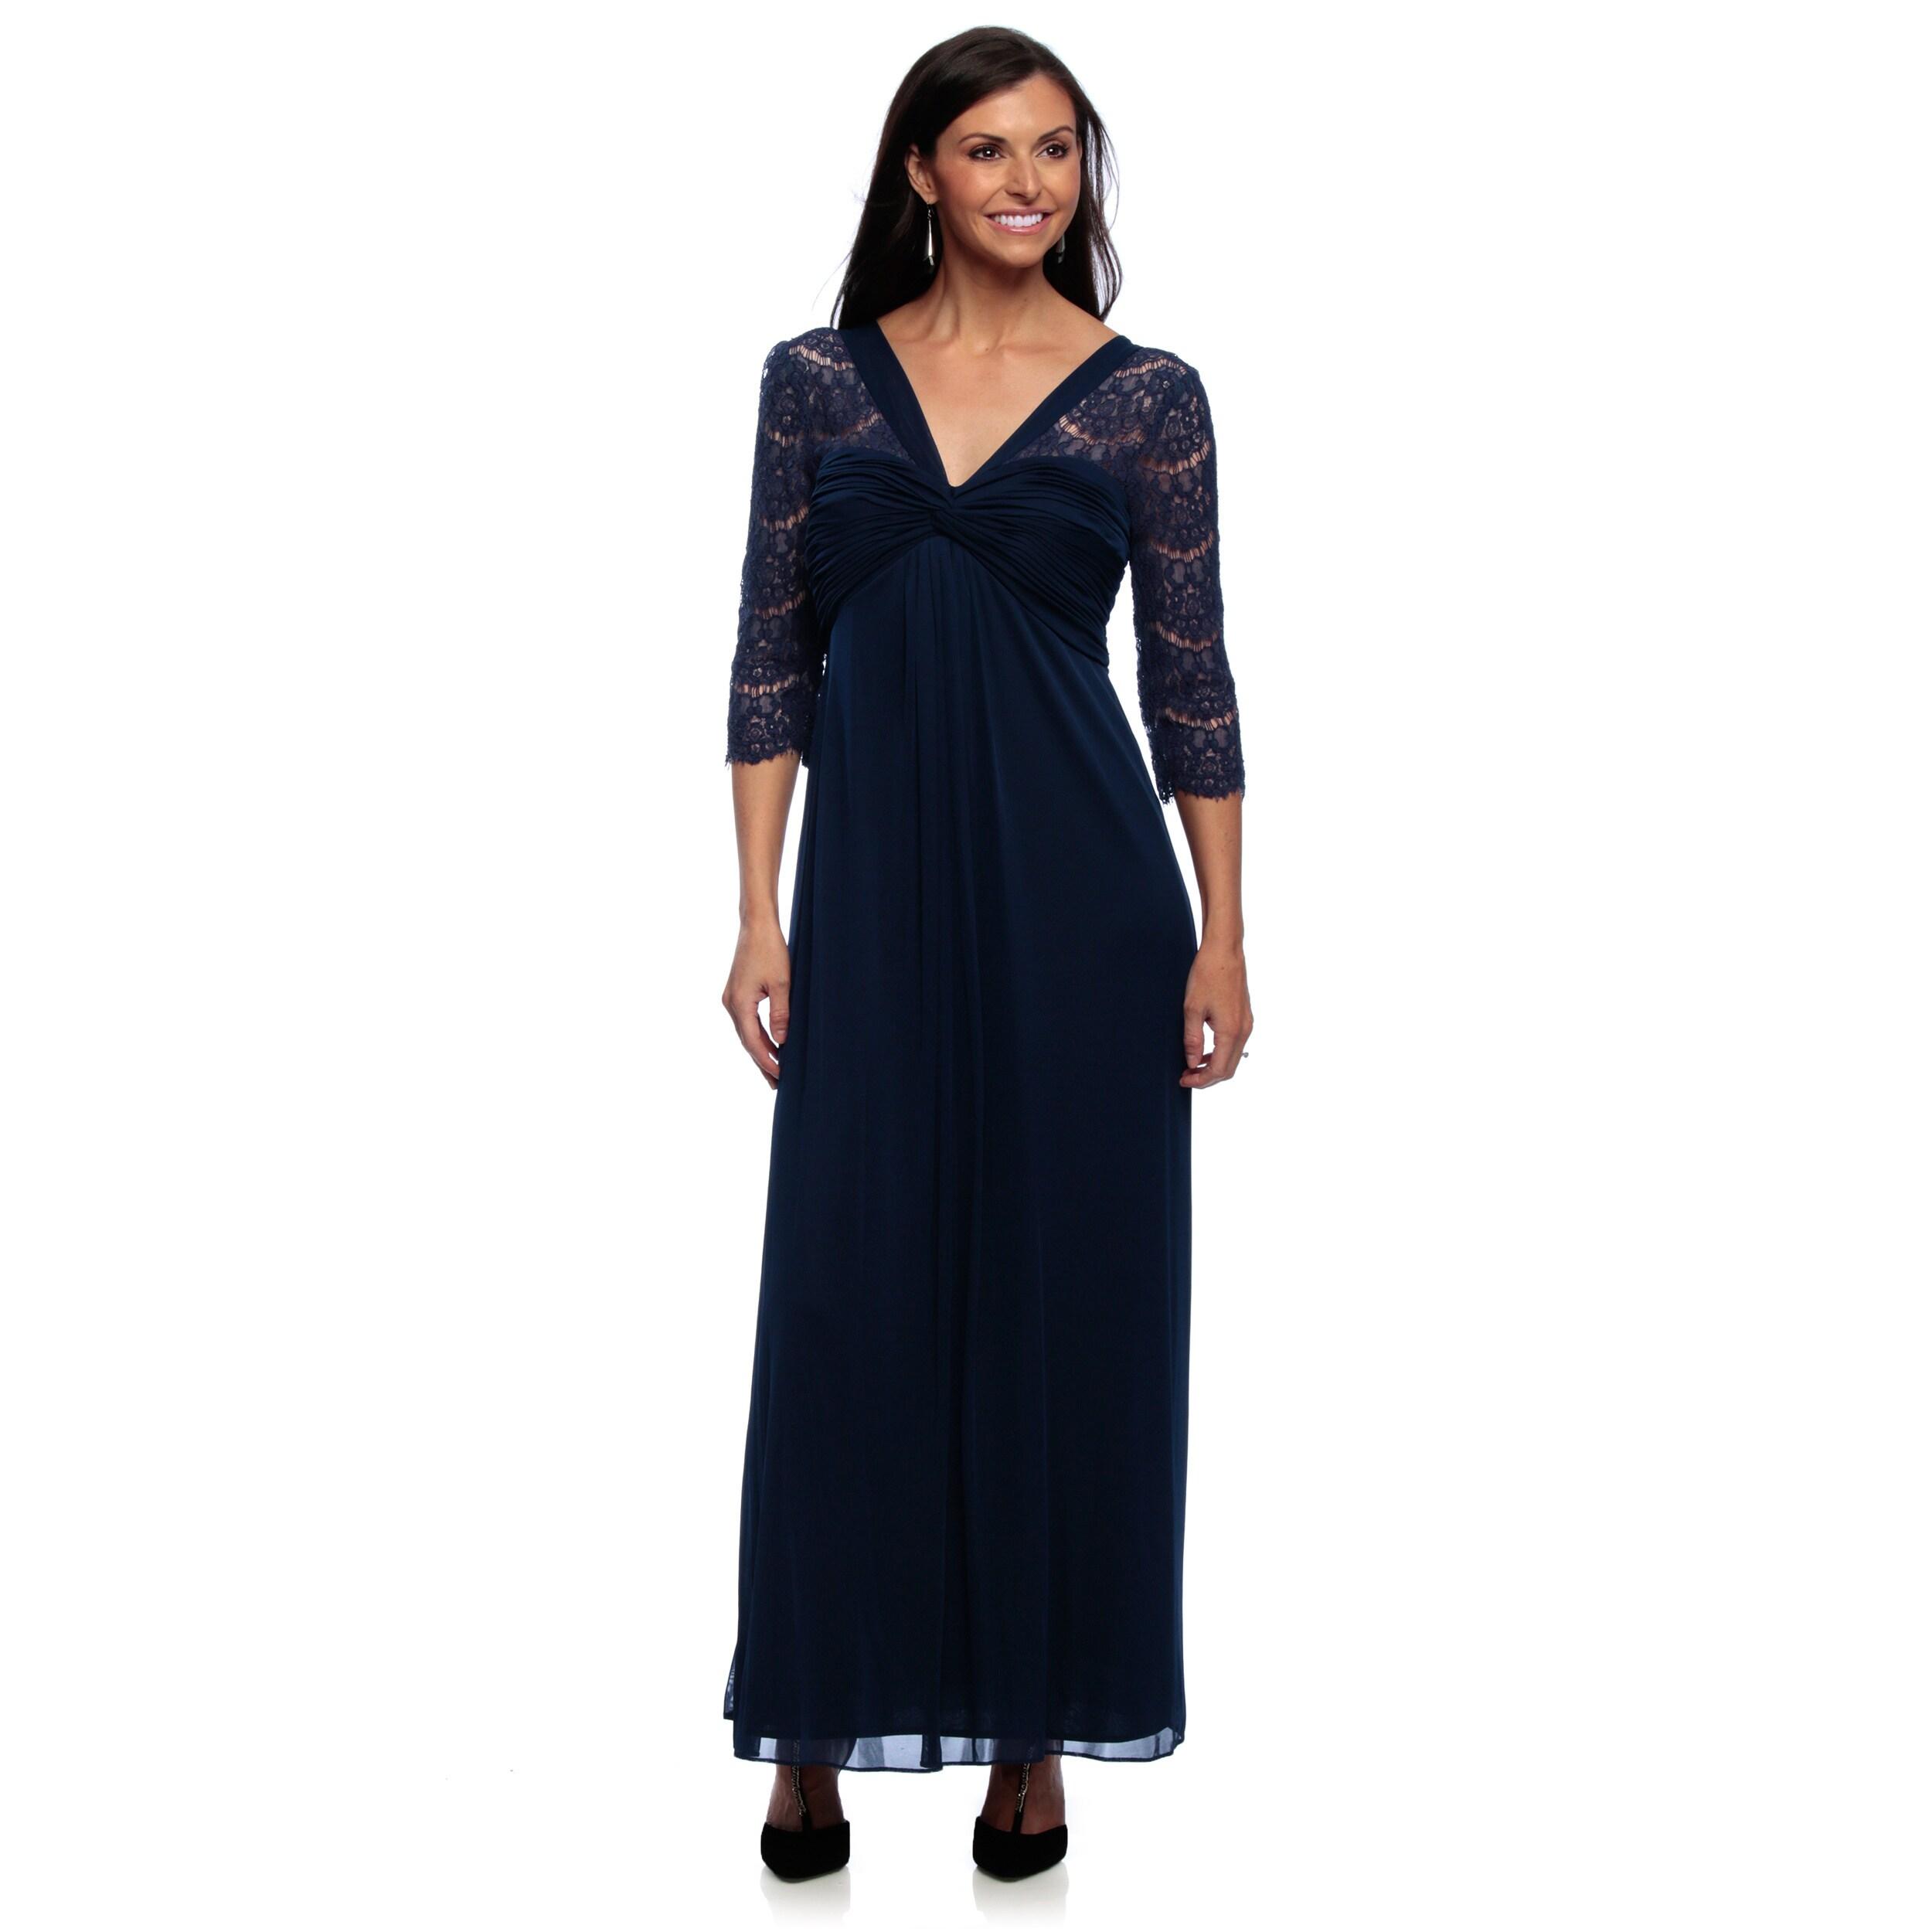 5101715008 Womens Petite Formal Long Dresses - Data Dynamic AG